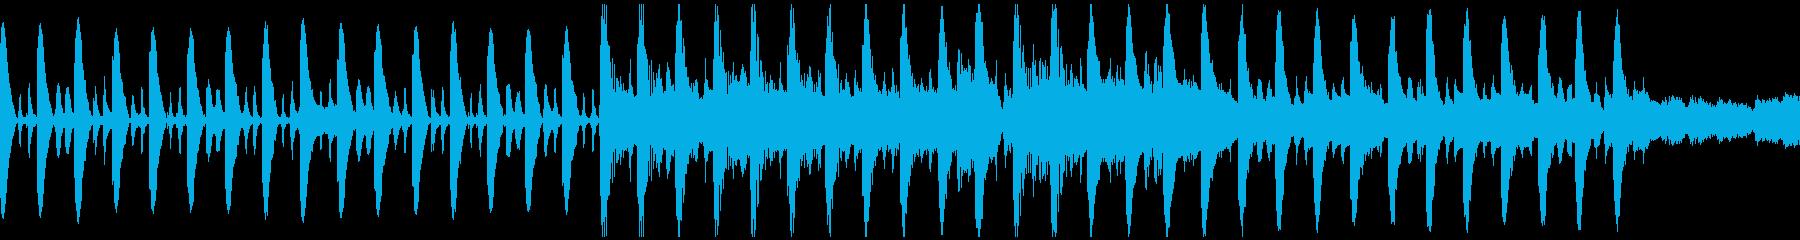 のんびりした昼下がりのようなBGM楽曲の再生済みの波形